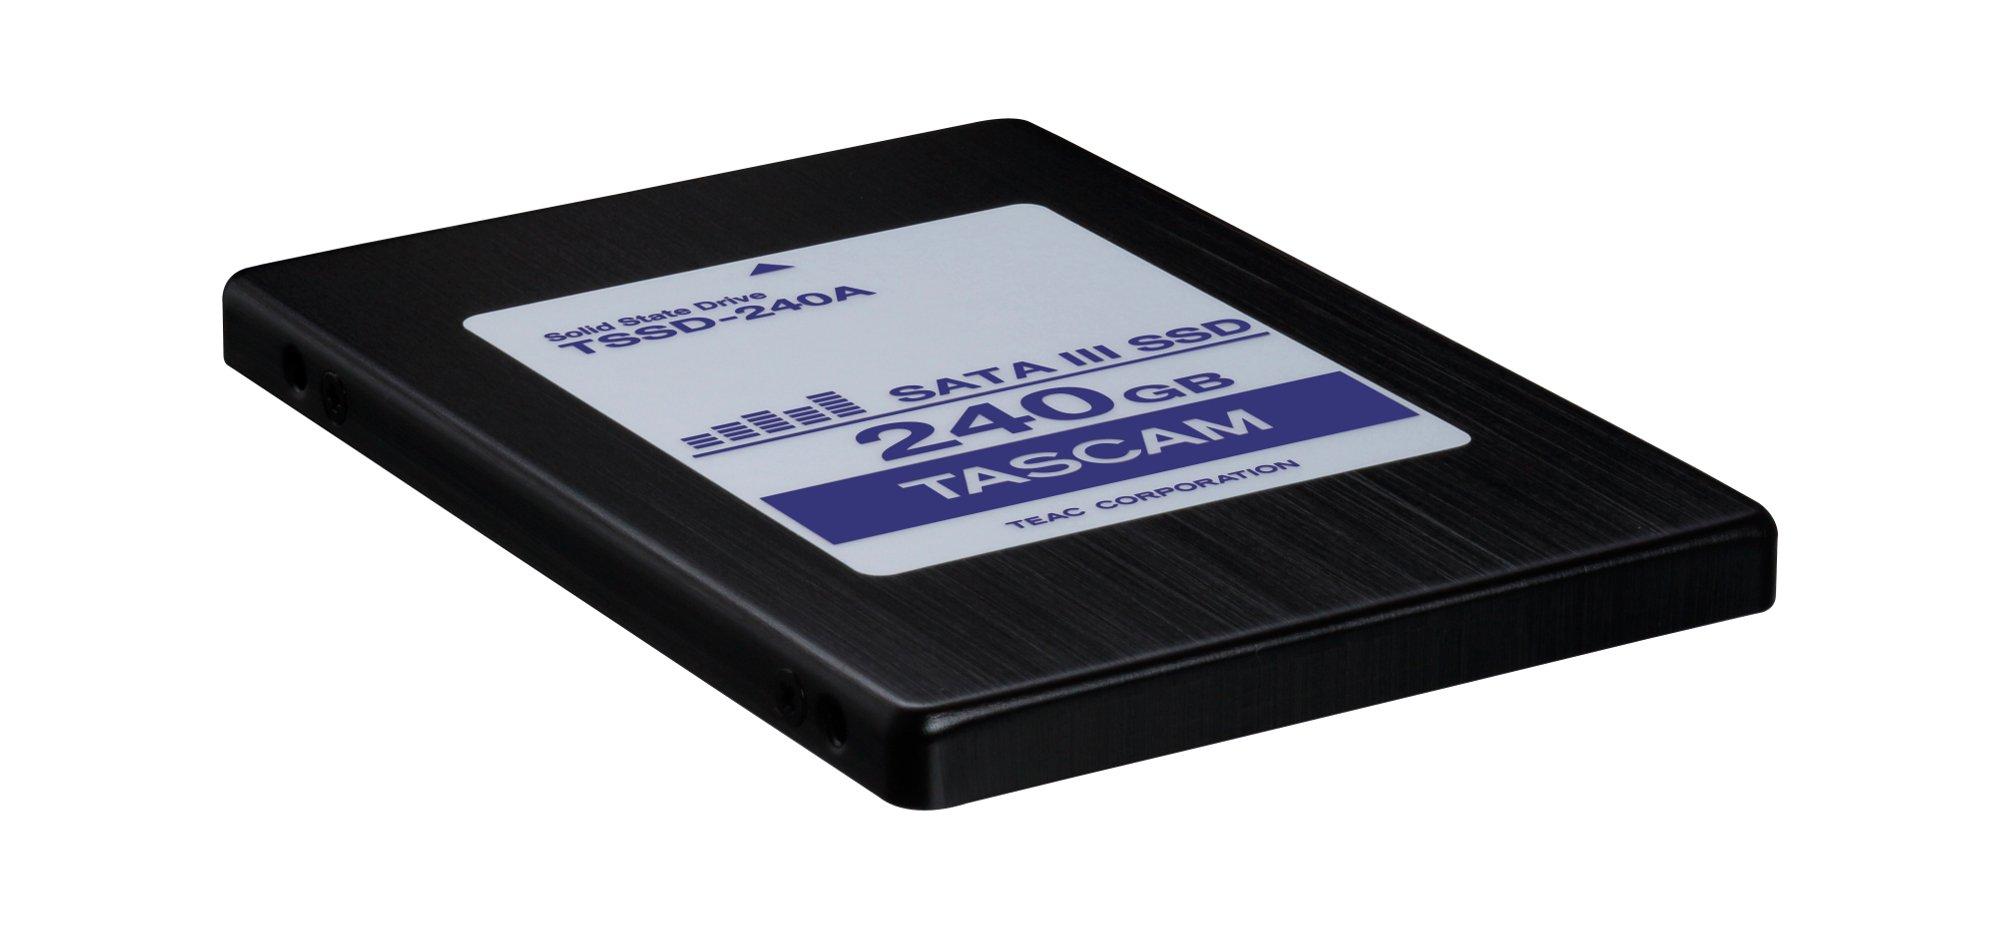 240GB SSD for DA6400